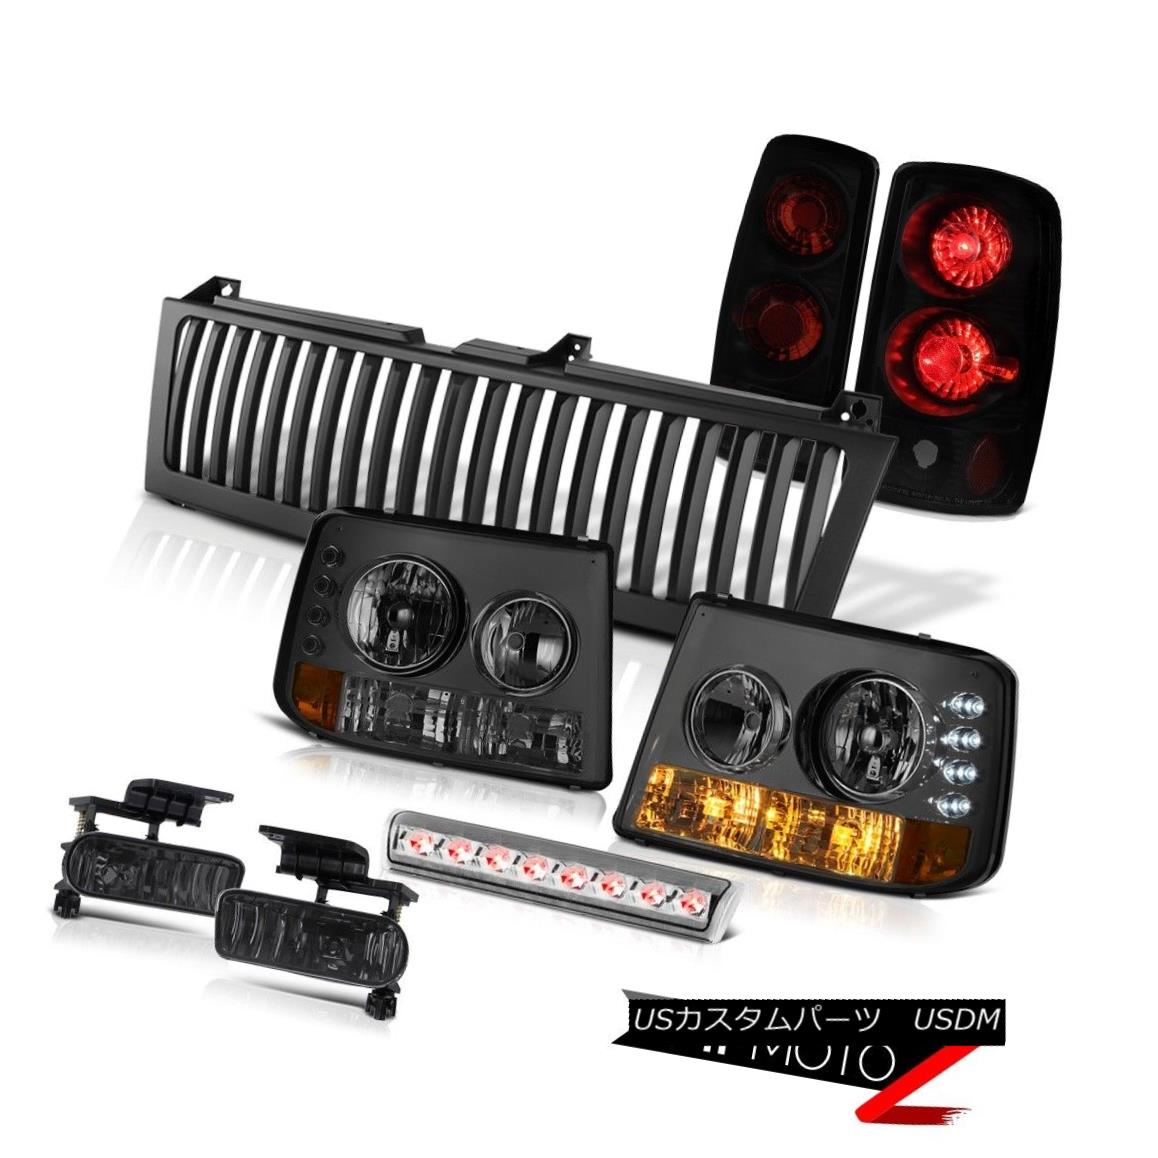 ヘッドライト Smoke Bumper+Headlights Sinister Black Brake Lamps Fog3rd LED 00-06 Chevy Tahoe スモークバンパー+ヘッドリッグ hts SinisterブラックブレーキランプFog3rd LED 00-06 Chevy Tahoe